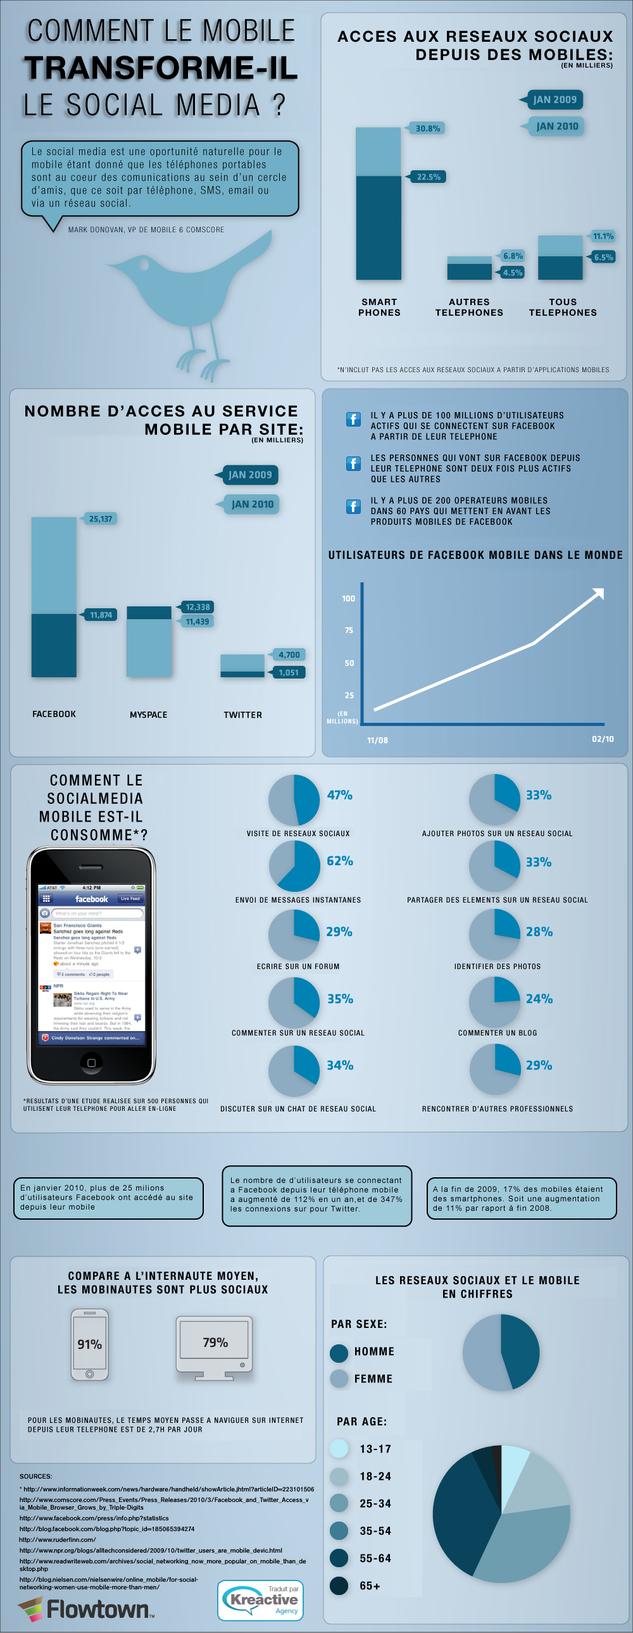 Le social media et les mobiles